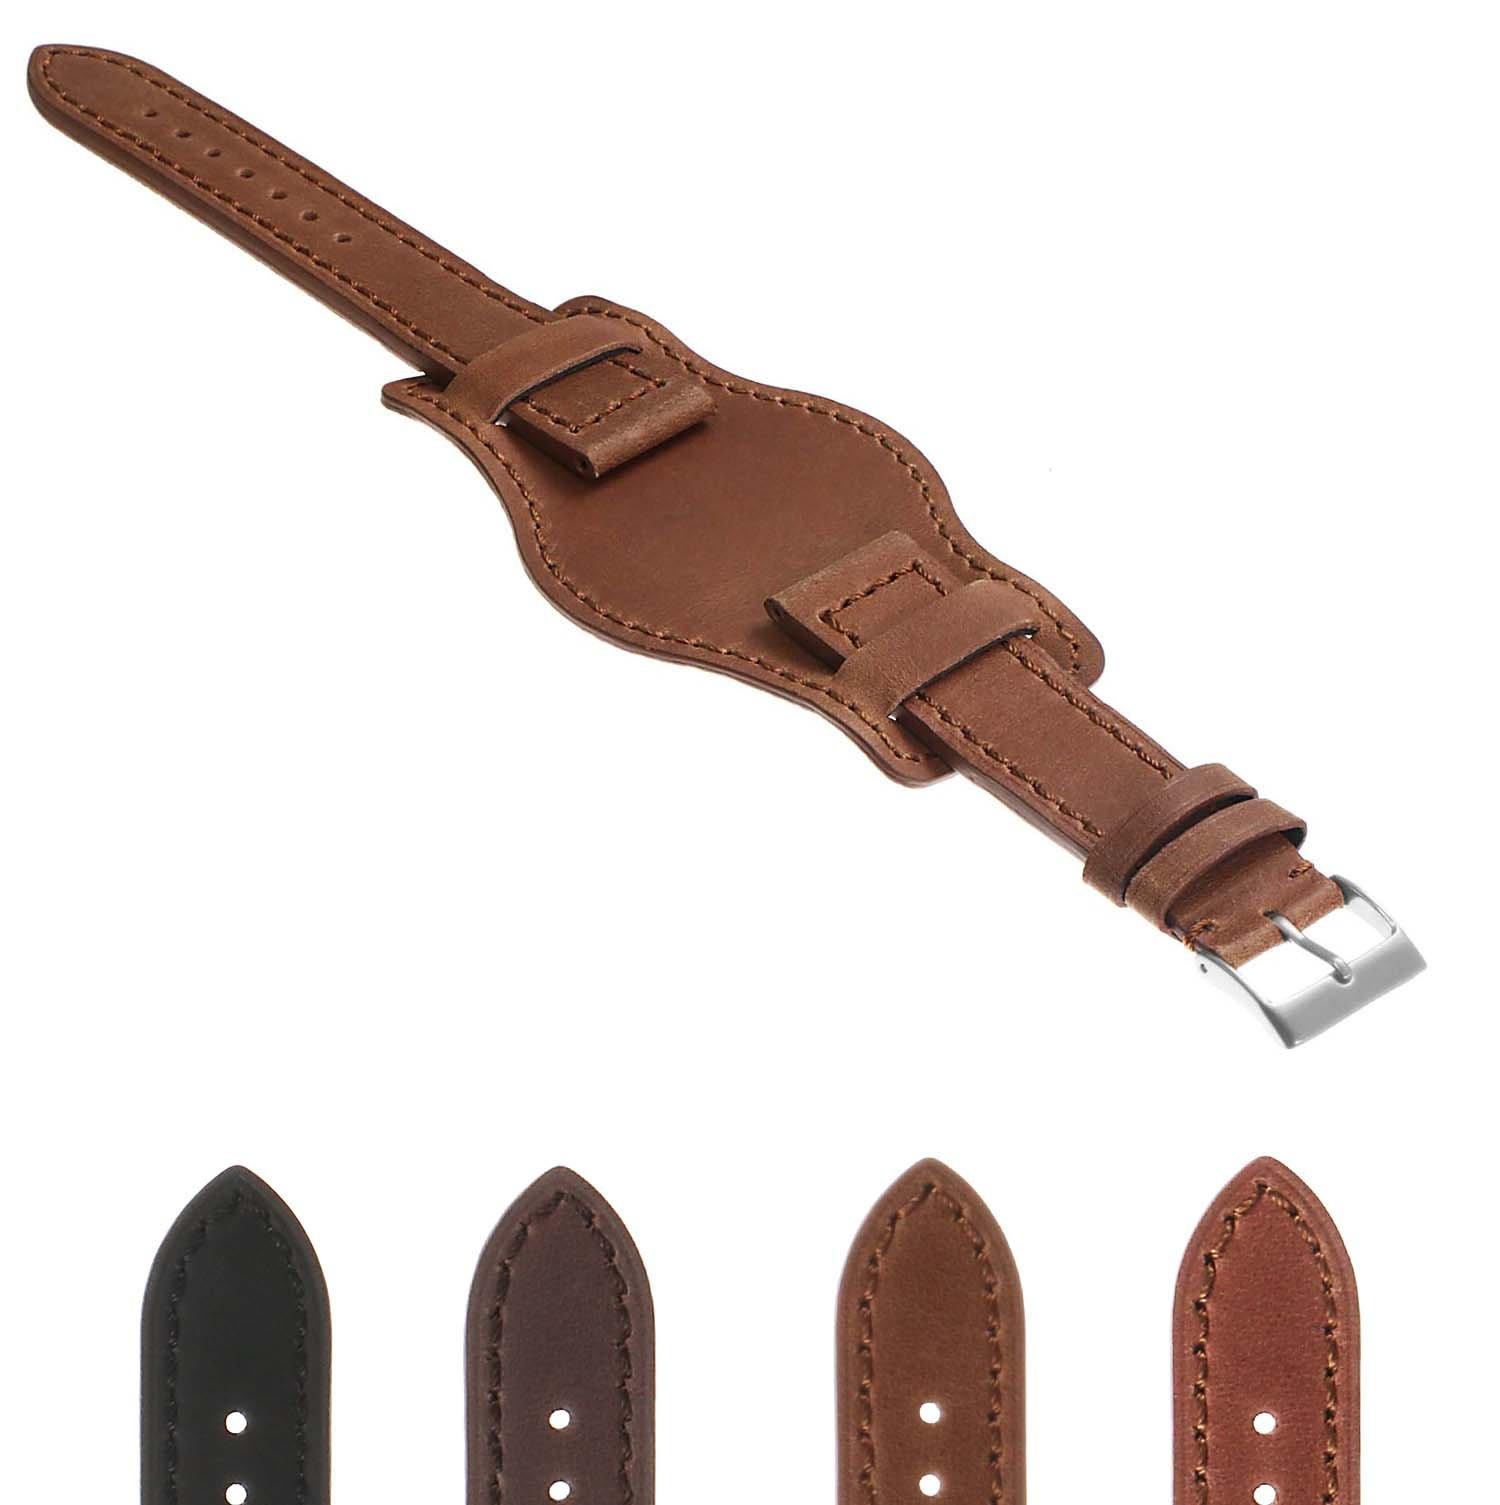 DASSARI Legend Distressed Vintage Style Bund Leather Watch Band 18mm 19mm 20mm 21mm 22mm 24mm